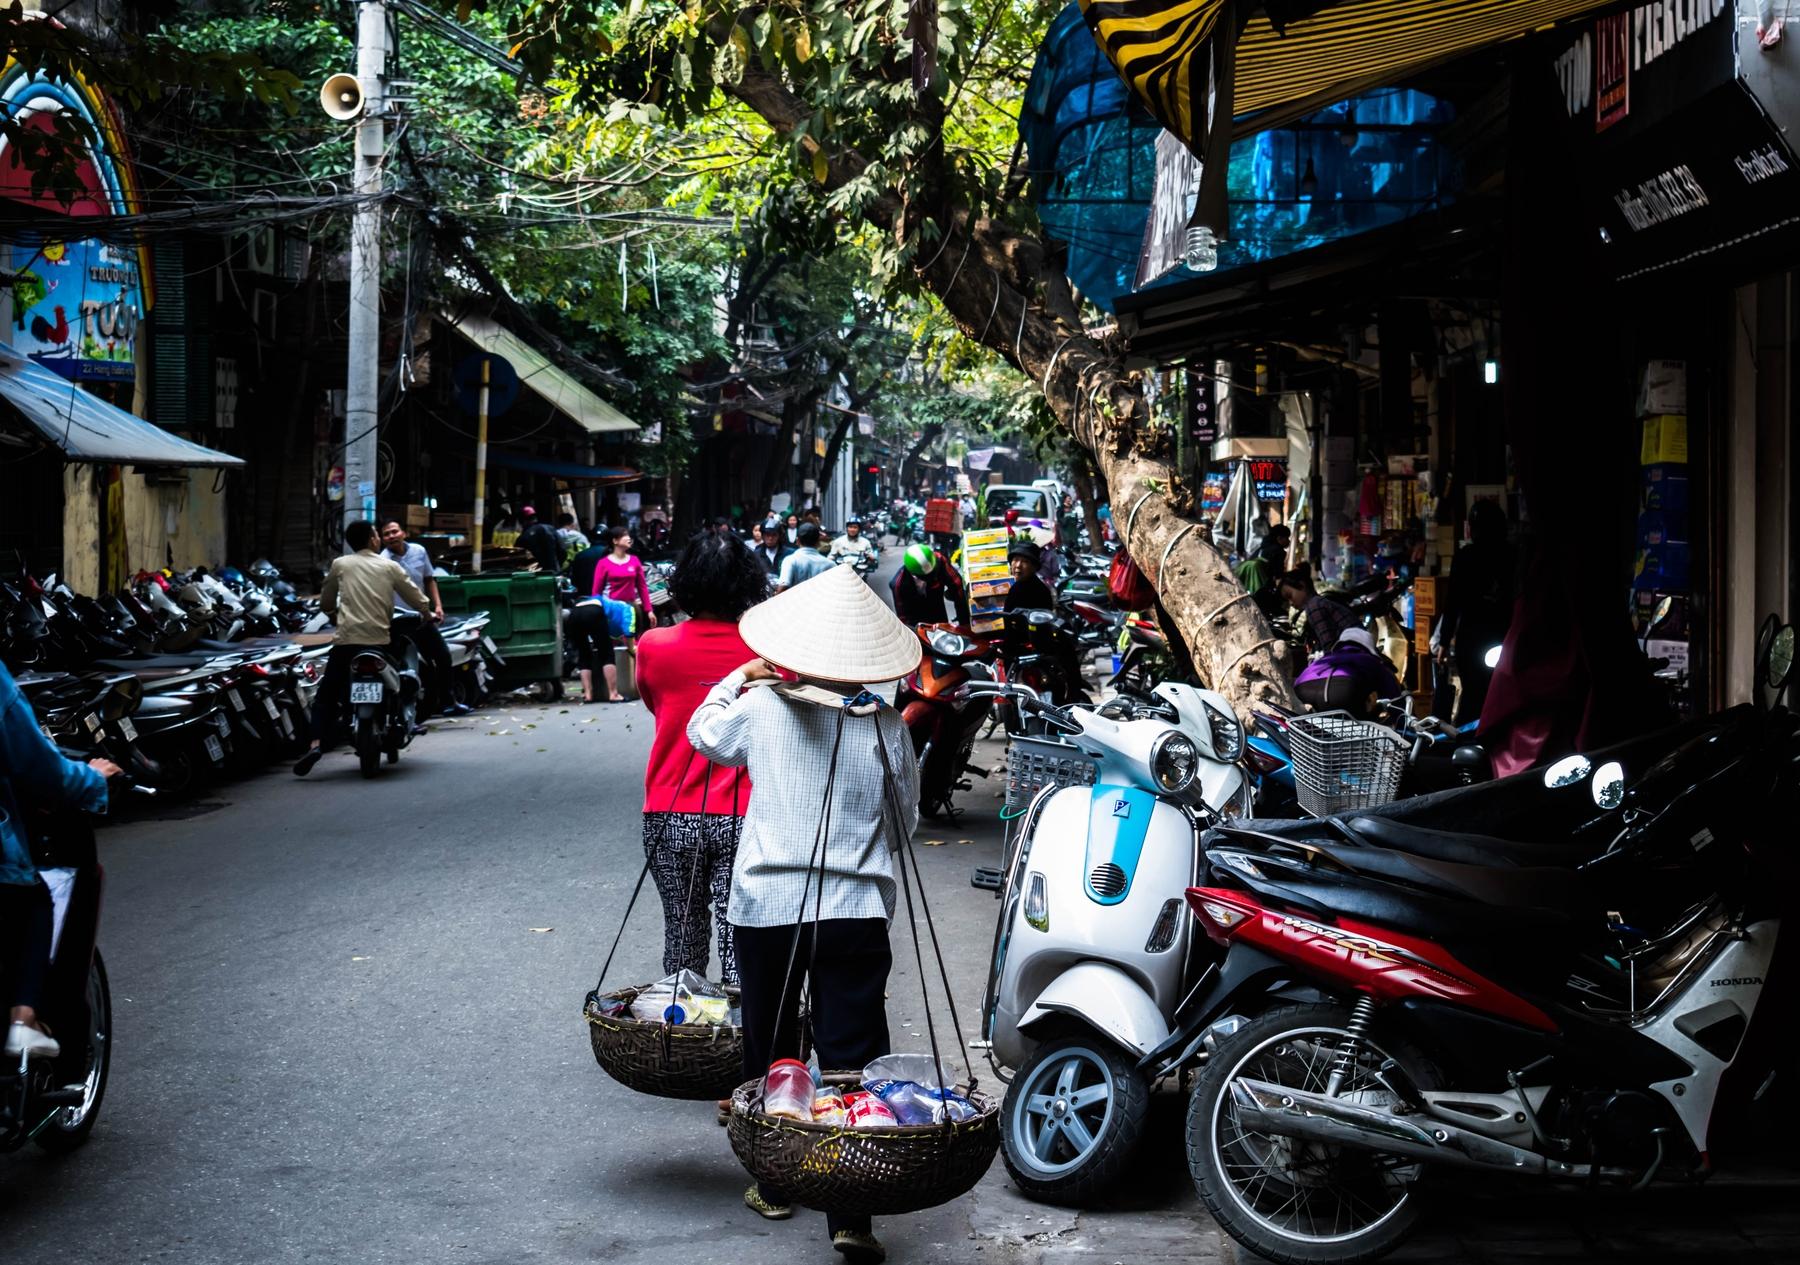 Spannende Reisefakten: Beinahe jeder Bewohner Vietnams hat ein Motorrad. Das Bild zeigt parkende Motorräder entlang einer Straße in Hanoi.